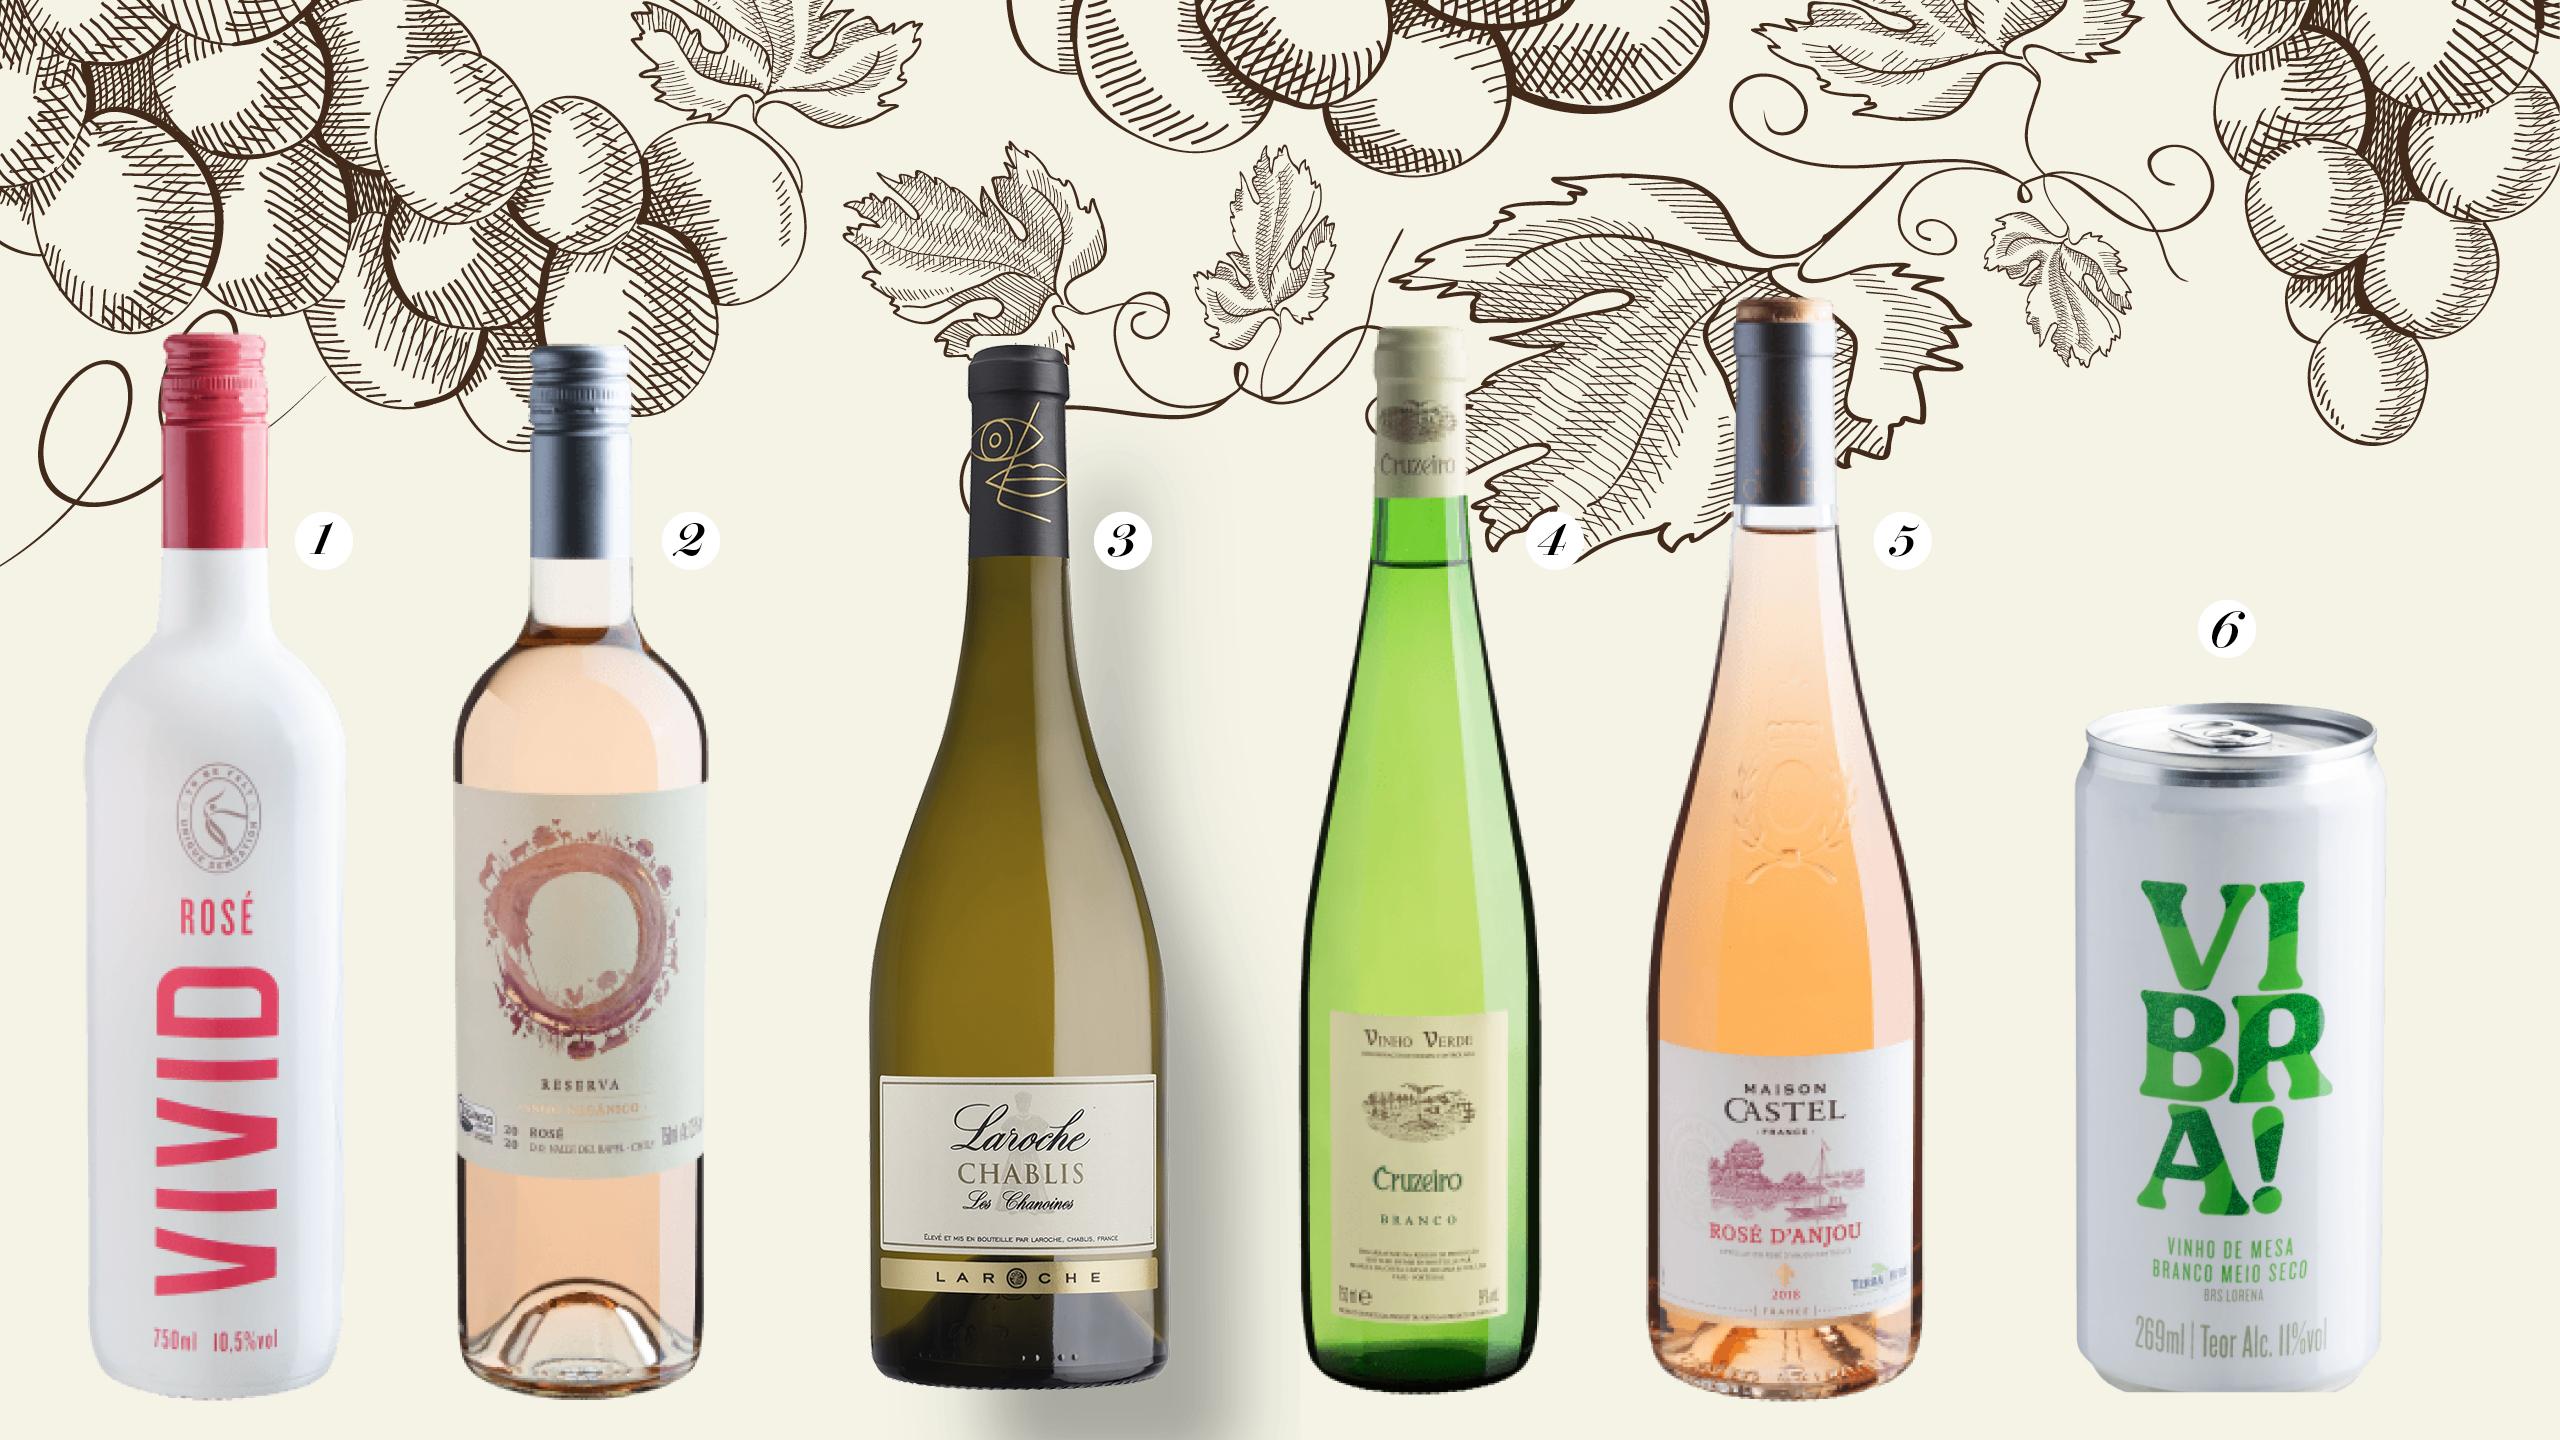 Vitrine vinhos brancos